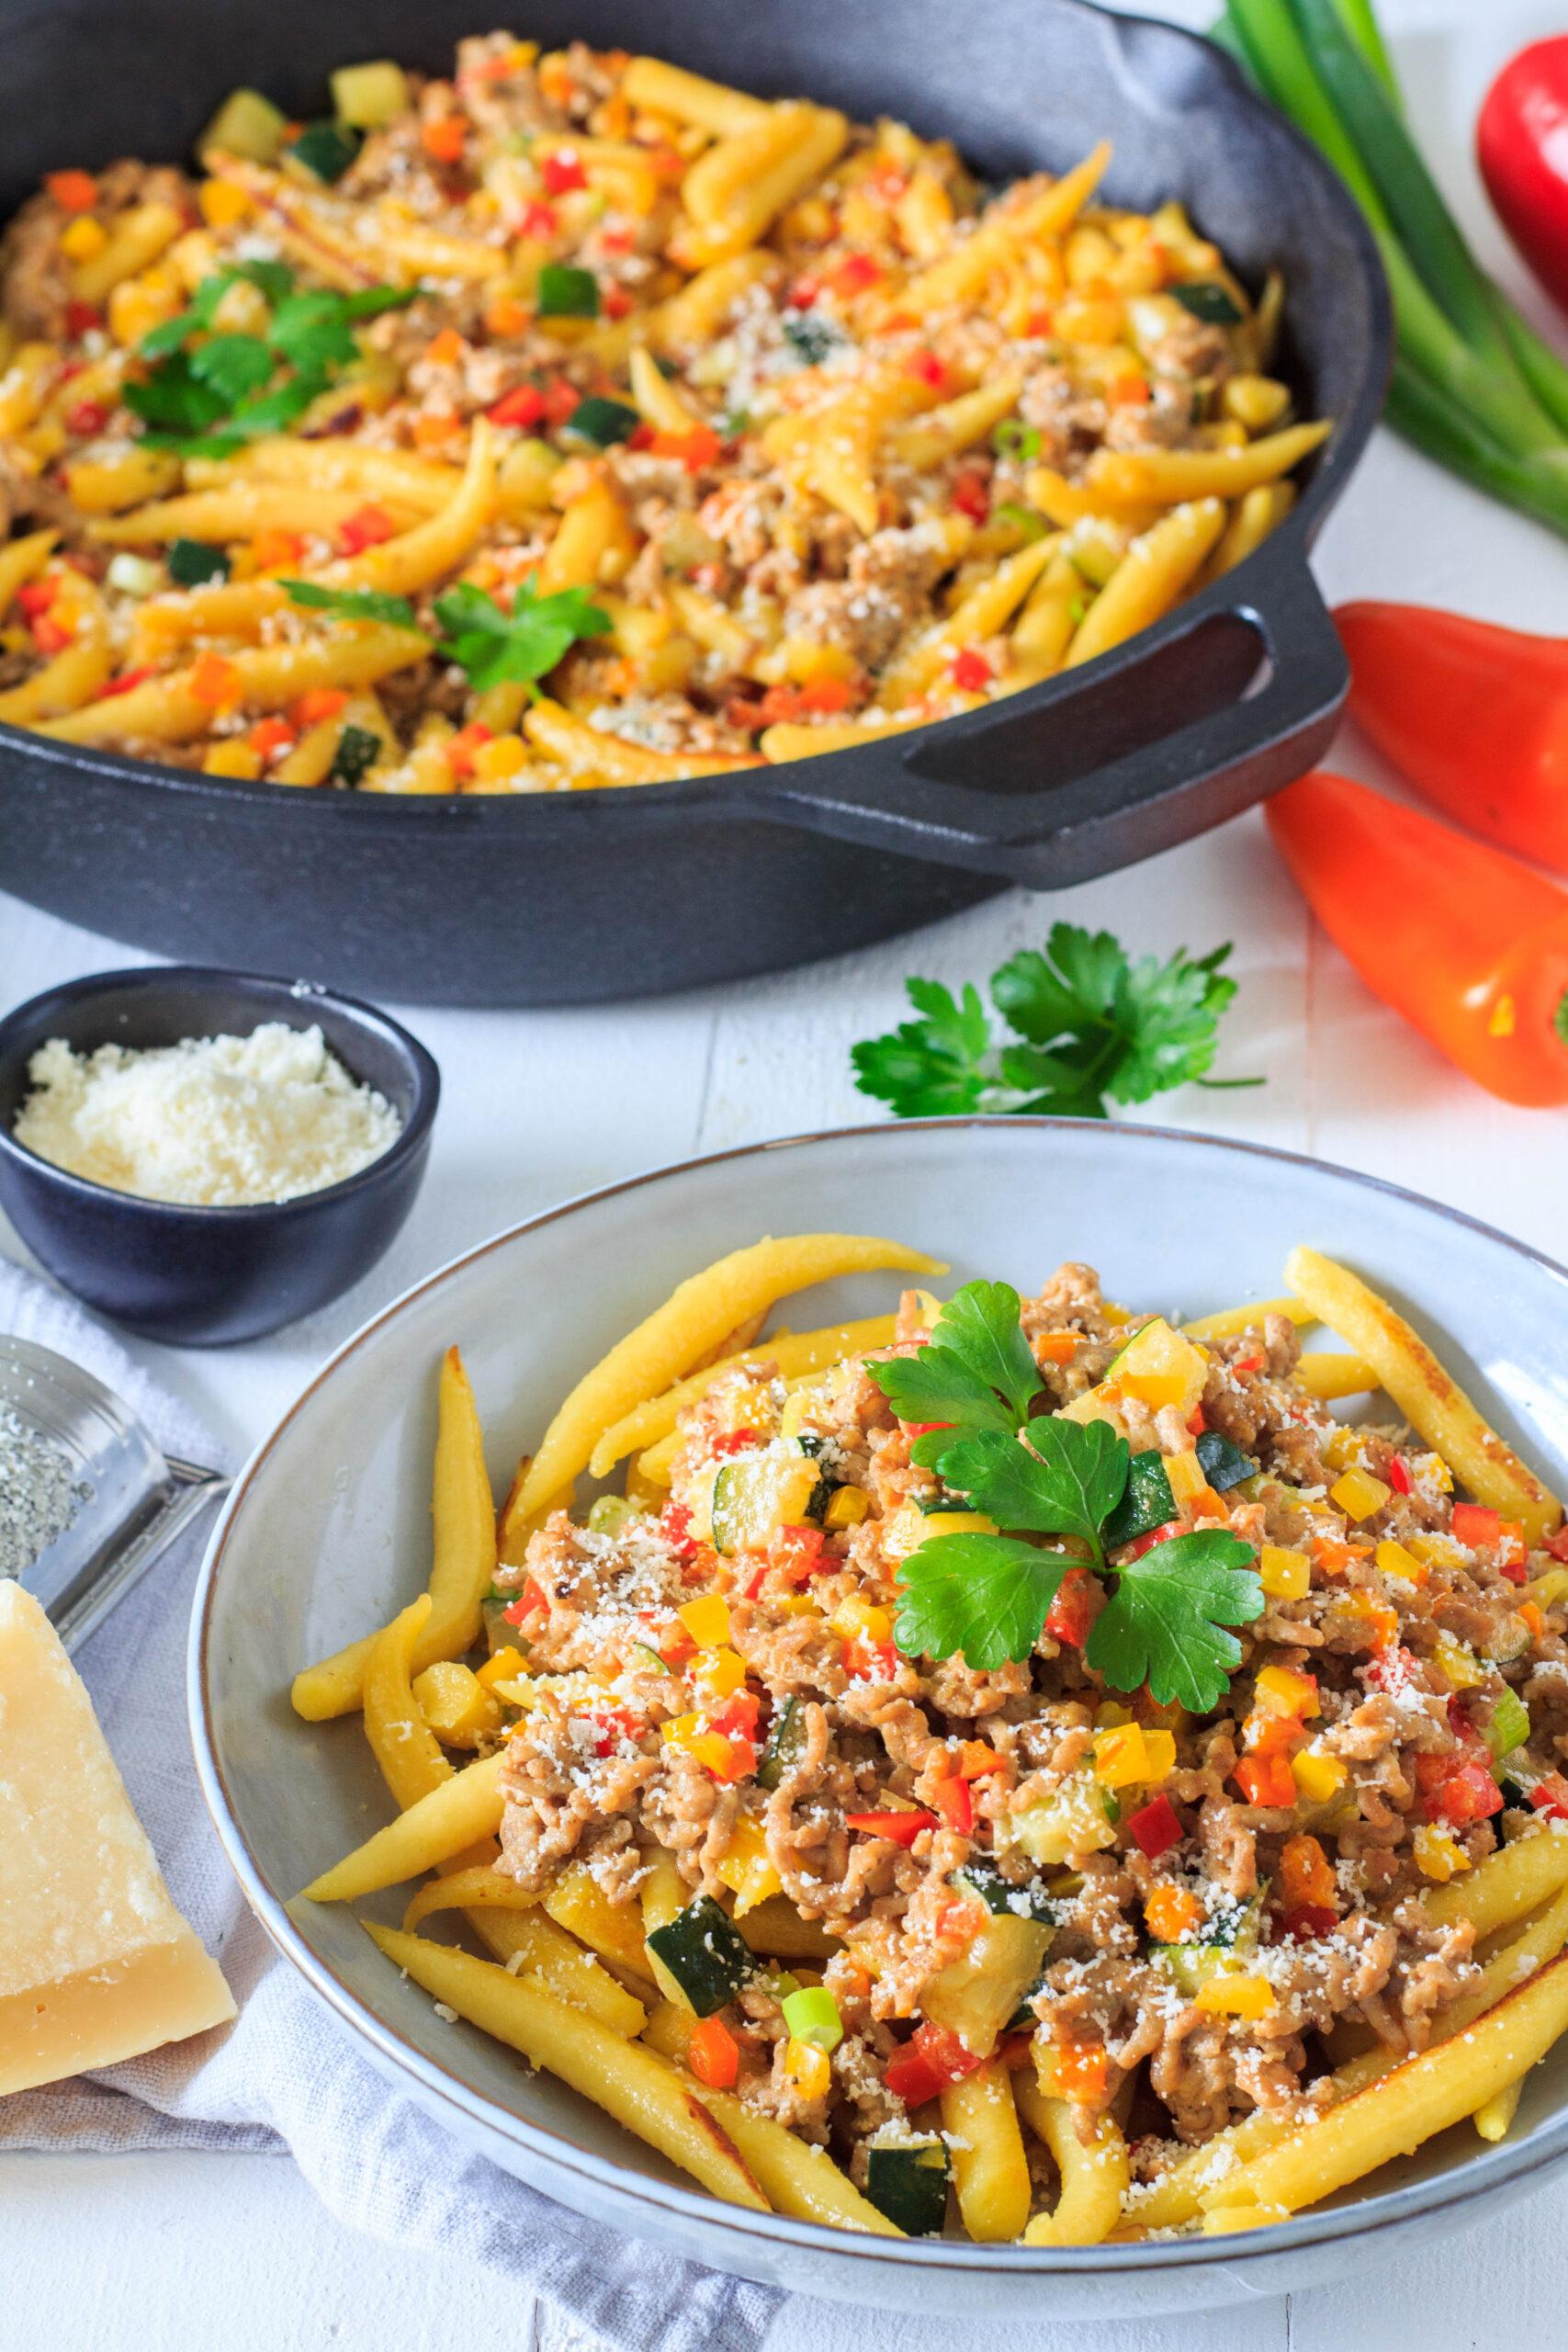 Gesund und lecker: Schupfnudelpfanne mit Gemüse, Hackfleisch und Parmesan.